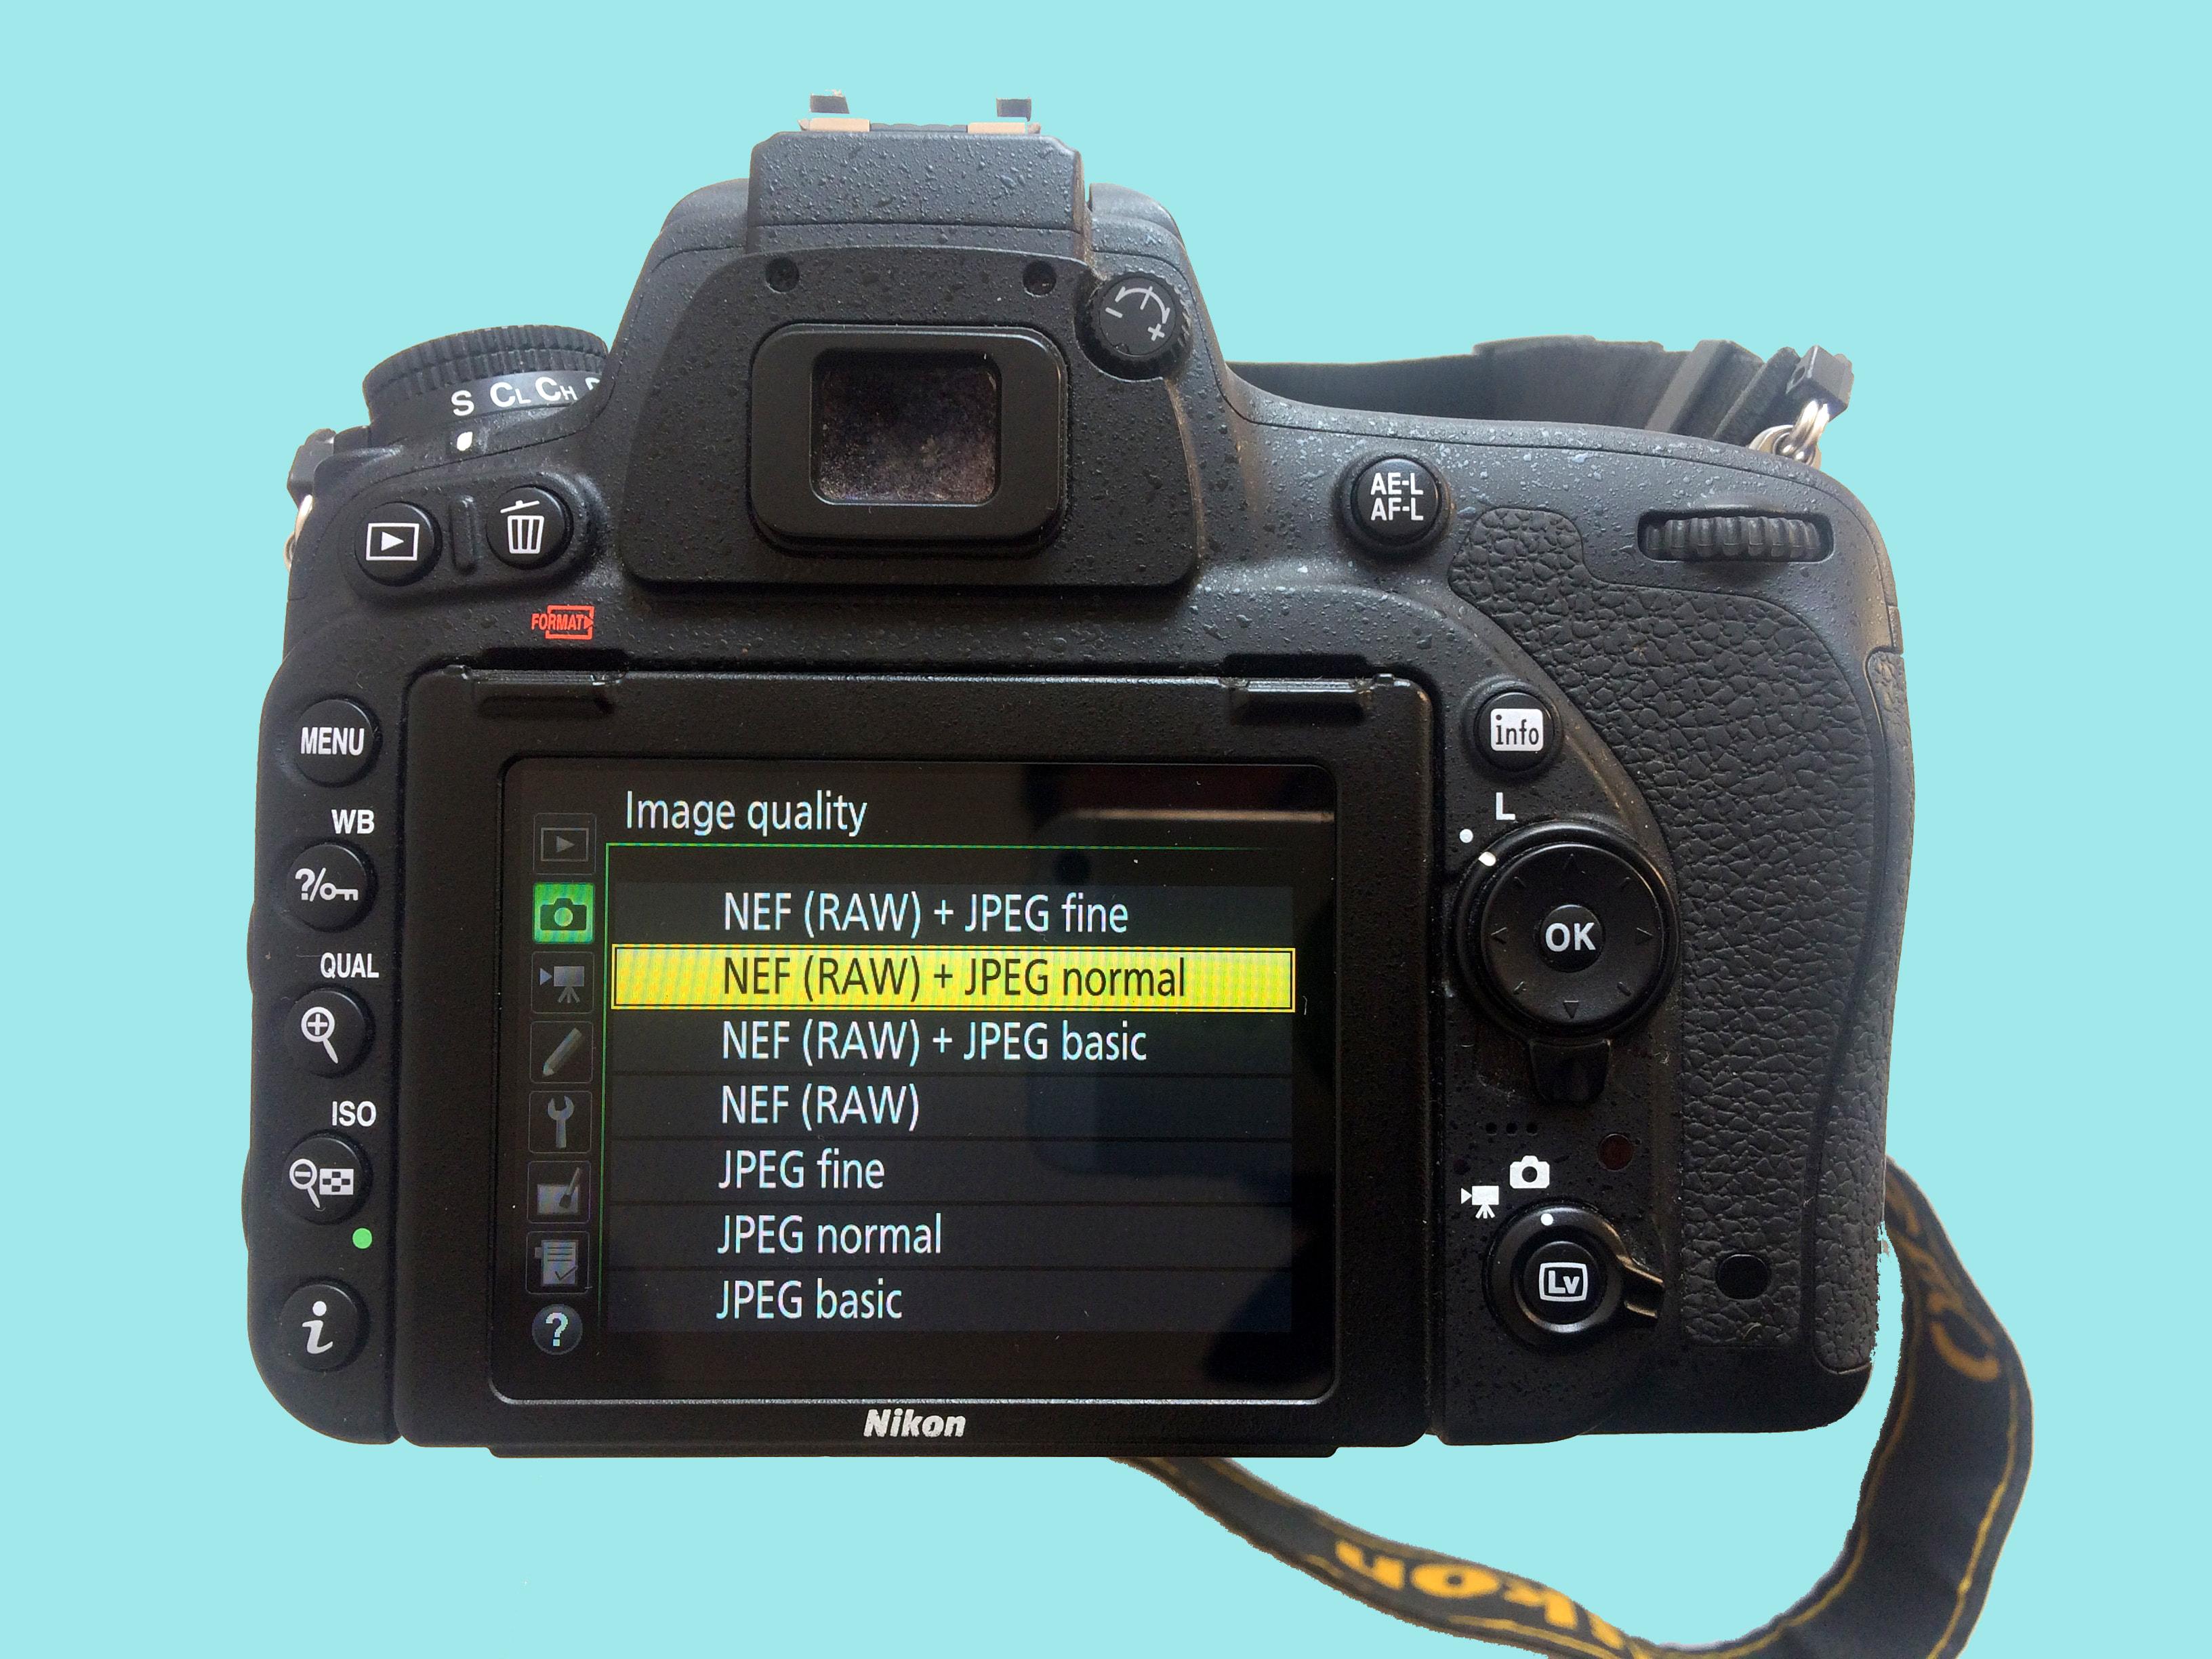 RAW y JPG son los formatos que puedes escoger en tu cámara digital